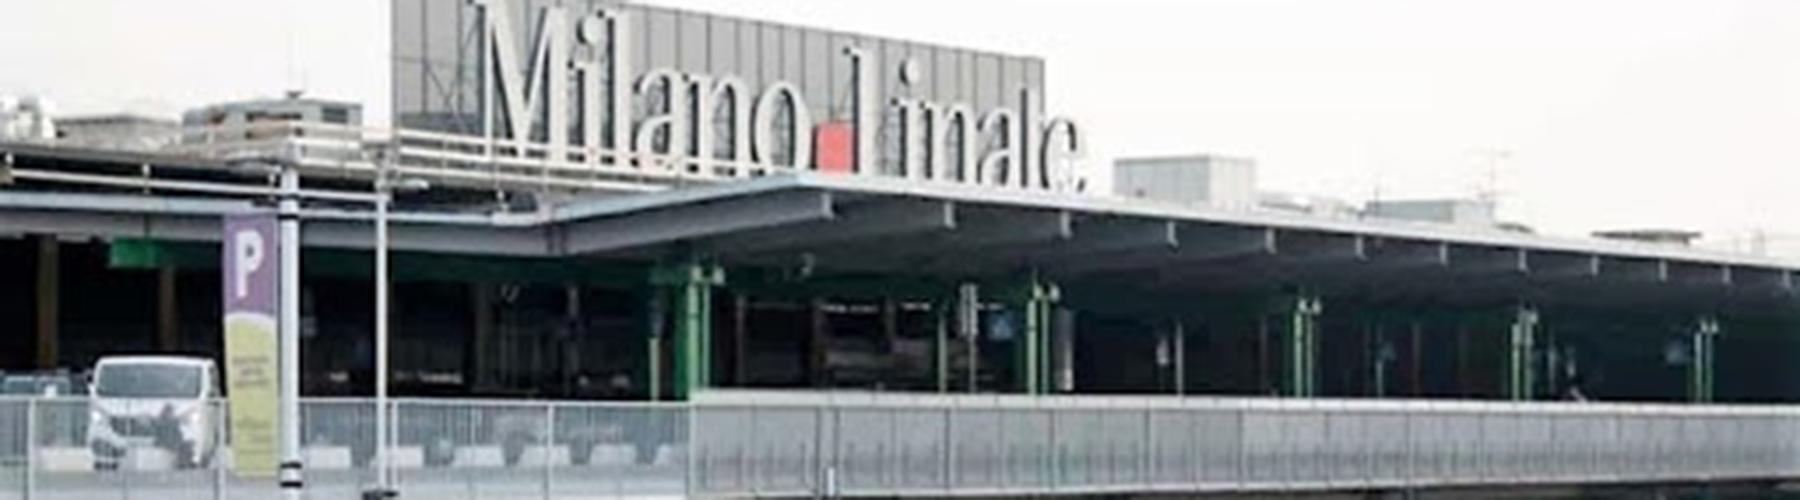 밀라노 - 리나테 공항에 가까운 호스텔. 밀라노의 지도, 밀라노에 위치한 호스텔에 대한 사진 및 리뷰.